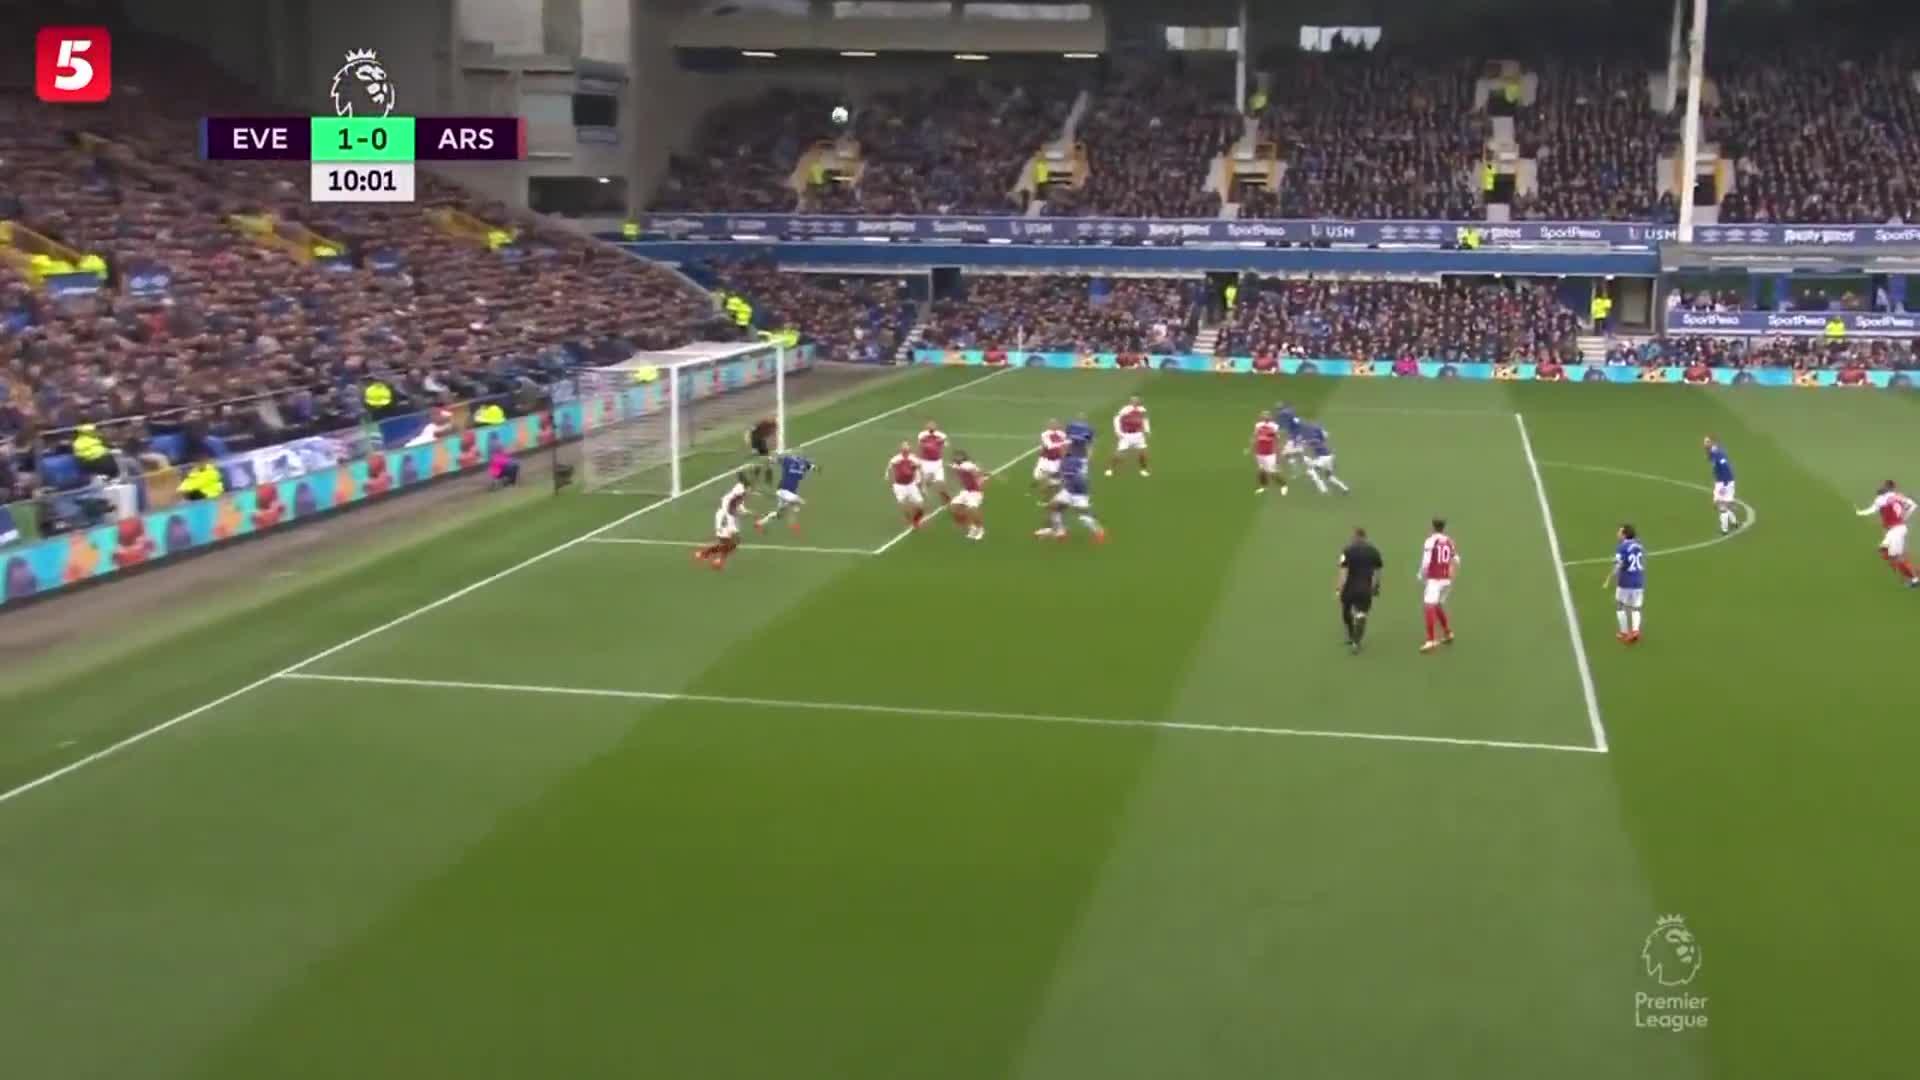 [视频]英超:阿森纳0-1输掉争四关键战 36岁老将破门创纪录